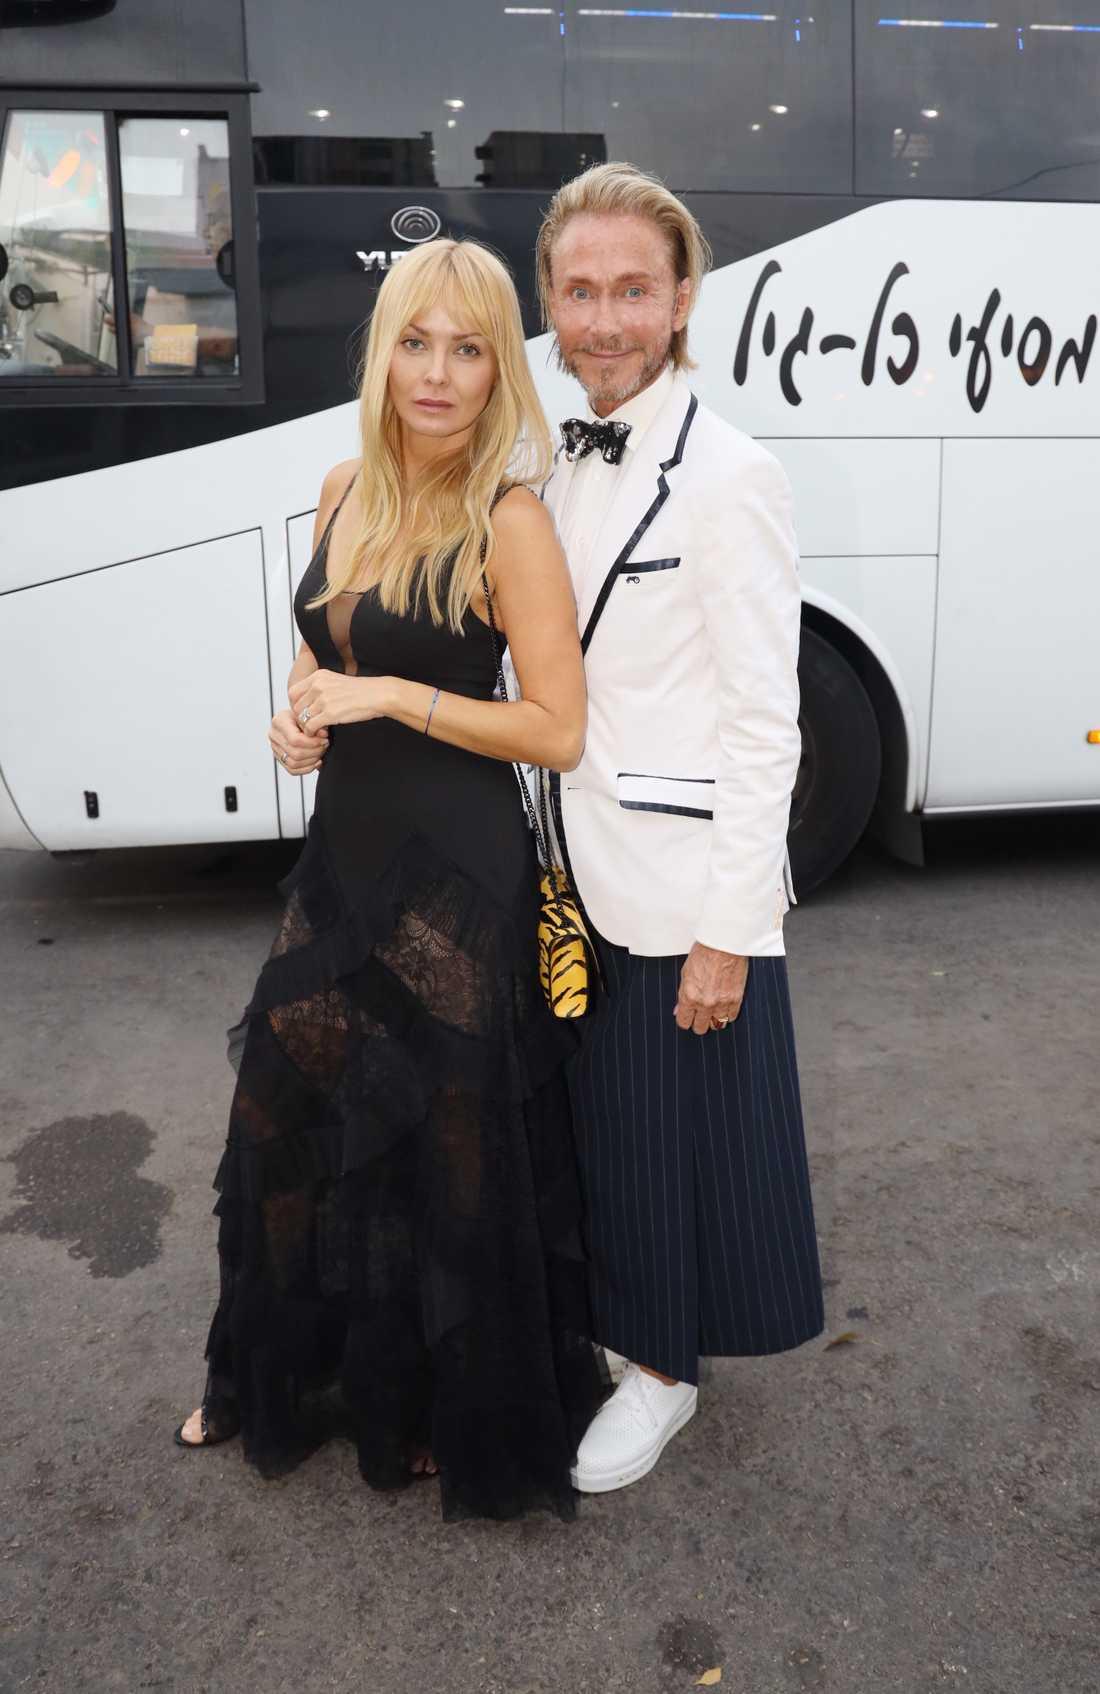 Christer Lindarw och Izabella Scorupco.